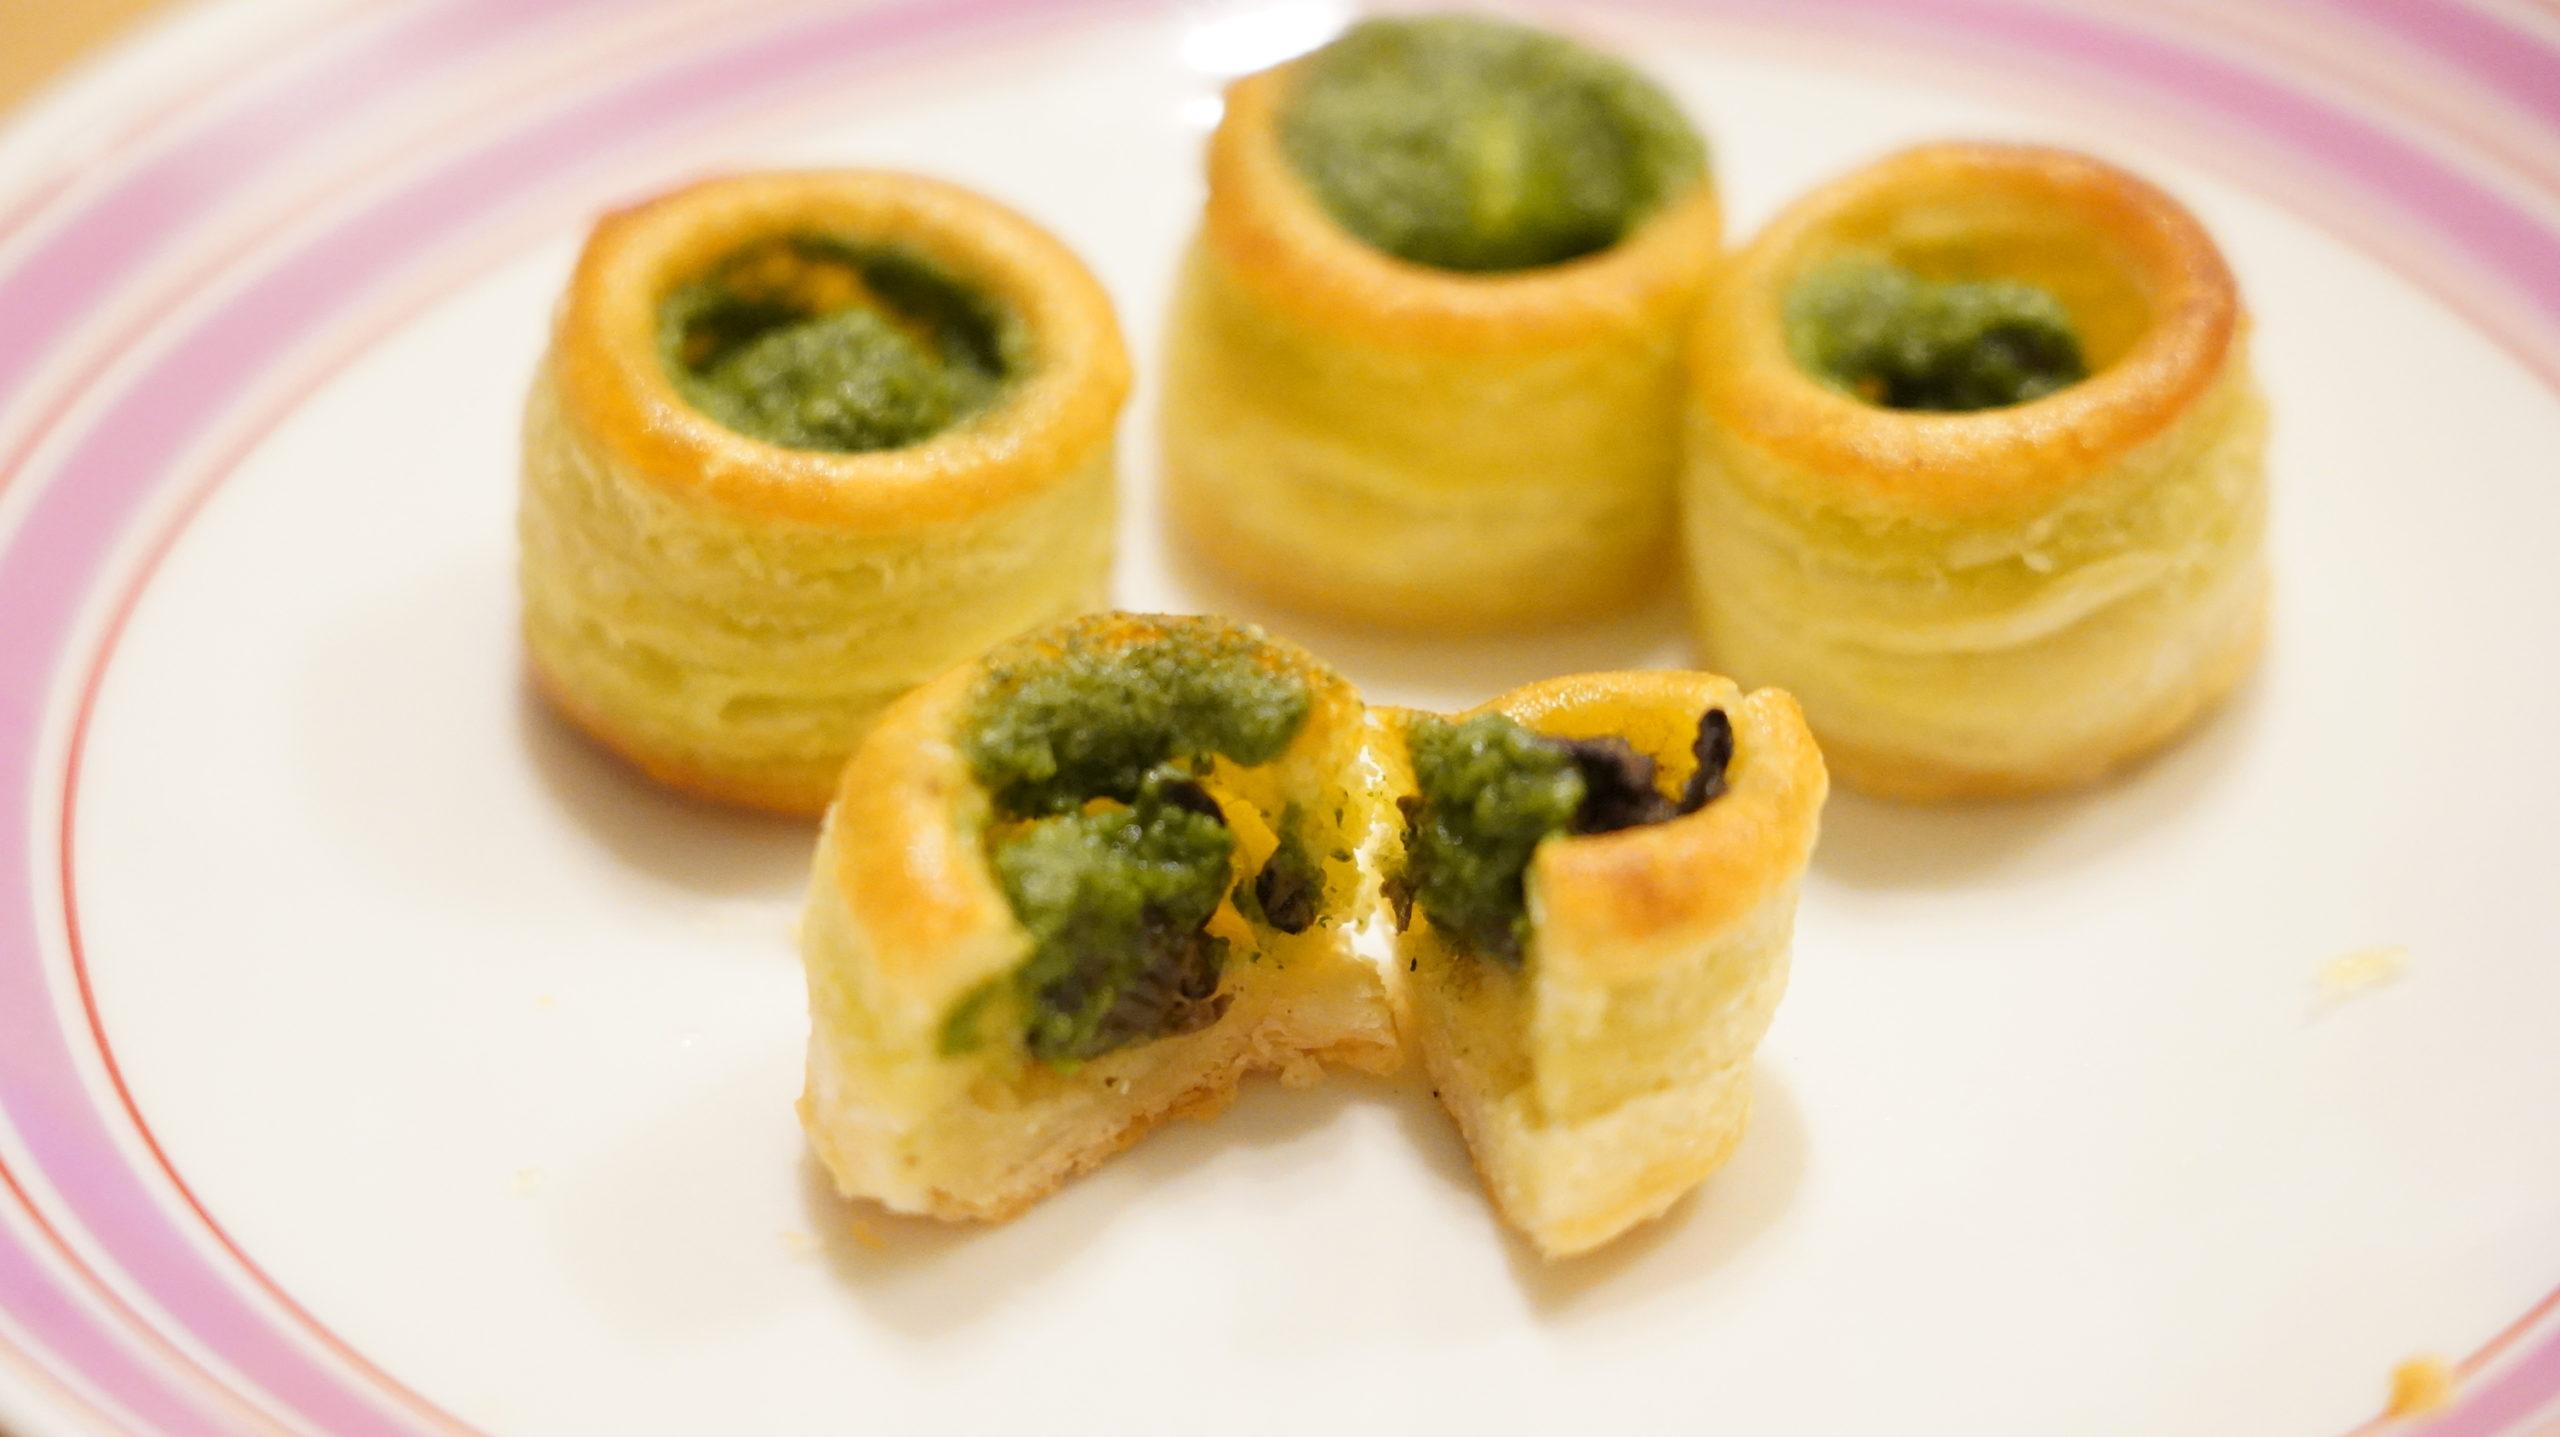 ピカールの冷凍食品「エスカルゴのミニパイ」の断面のアップ写真